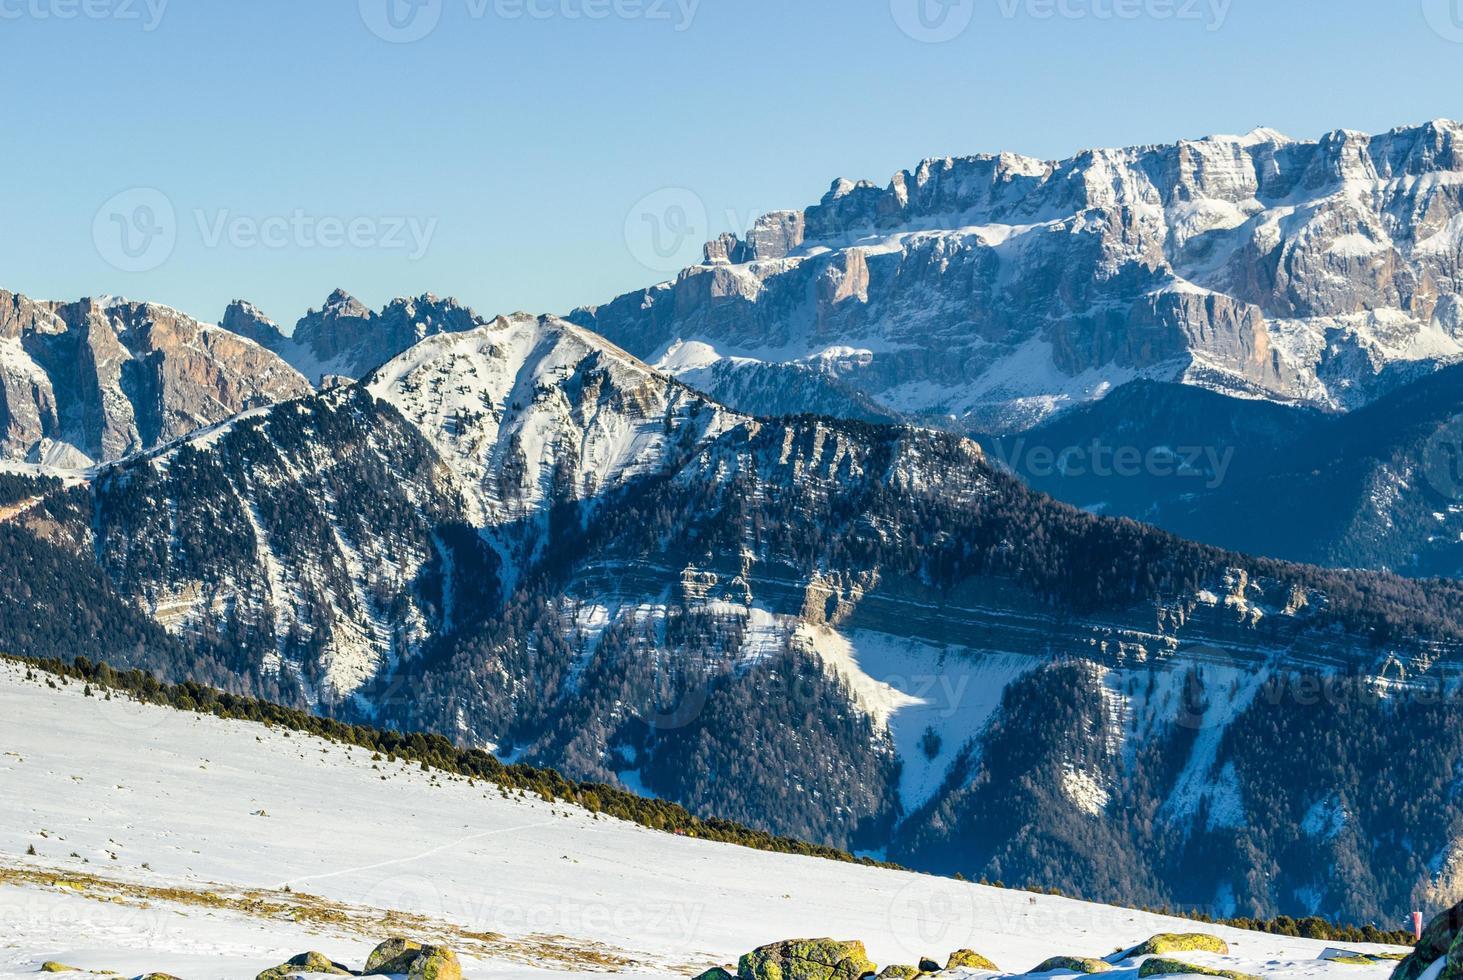 Panorama der Dolomiten mit schneebedeckten Gipfeln und Nadelbäumen foto